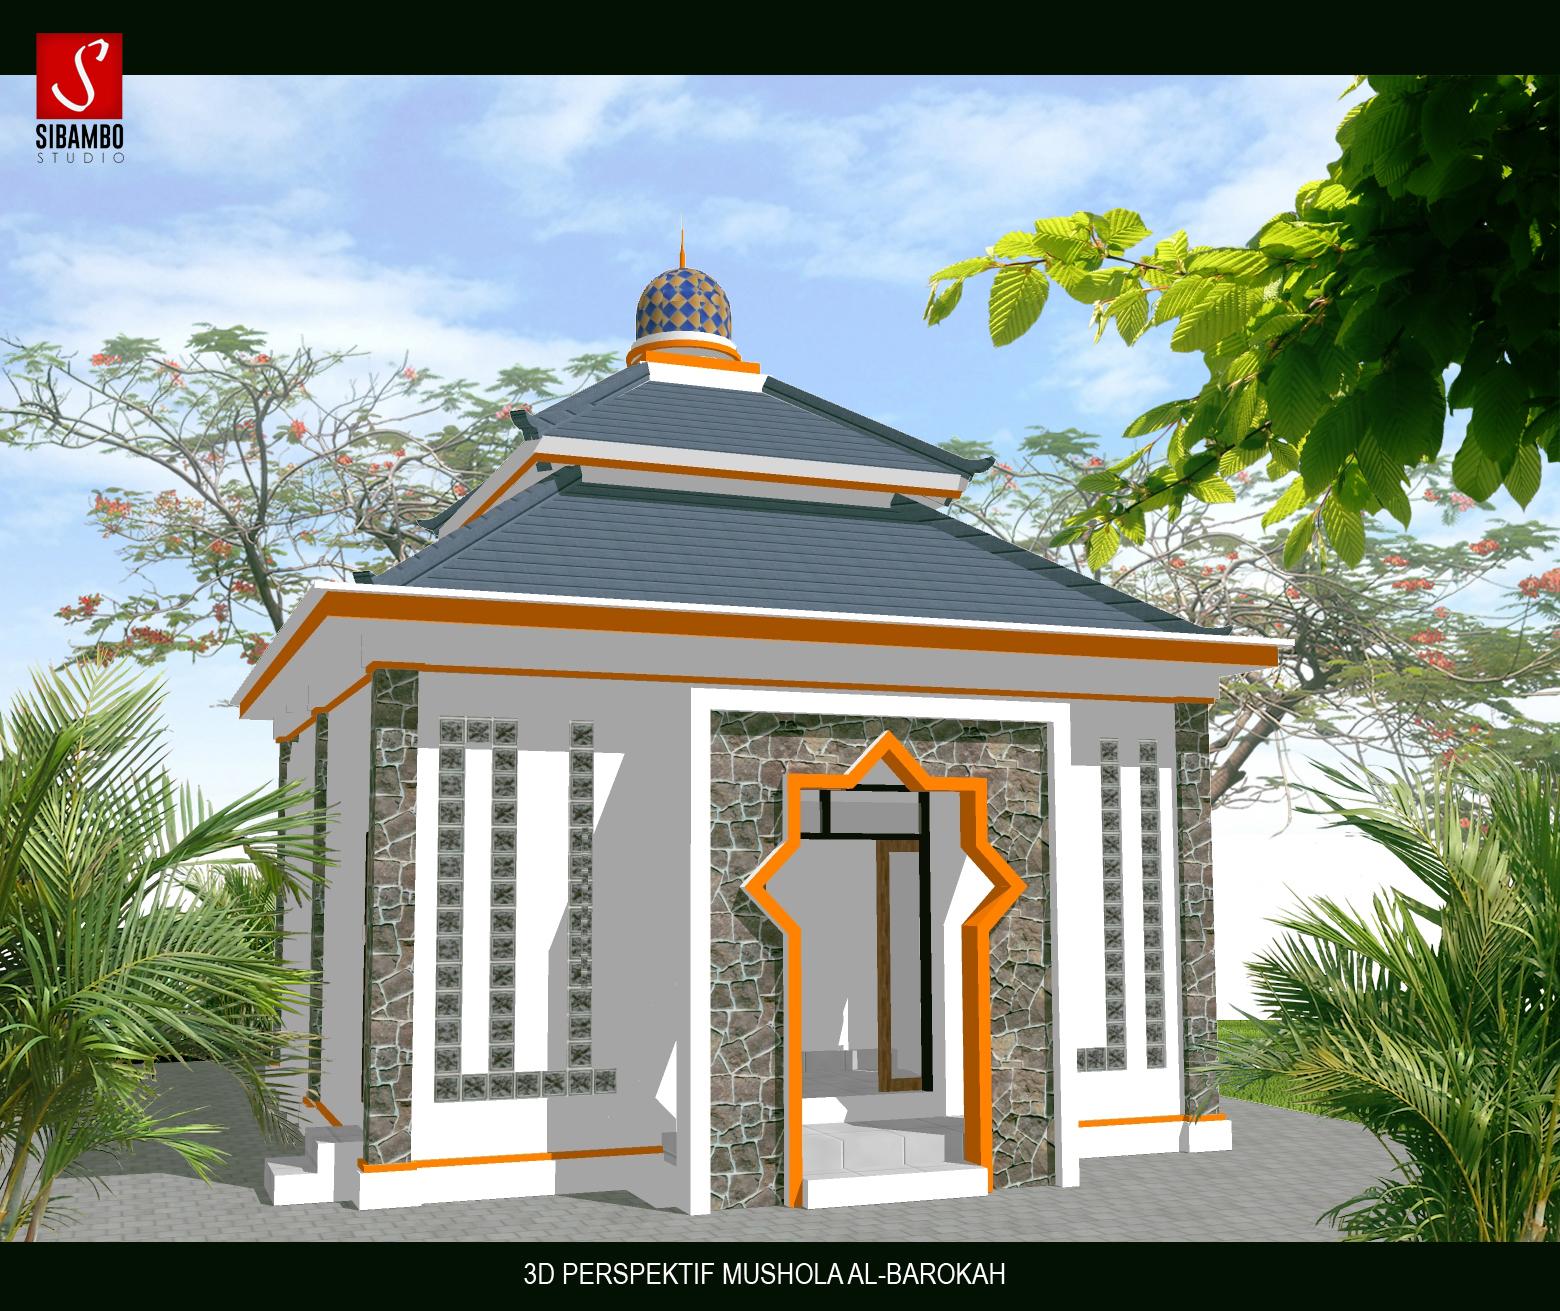 67 Desain Rumah Minimalis Dengan Mushola